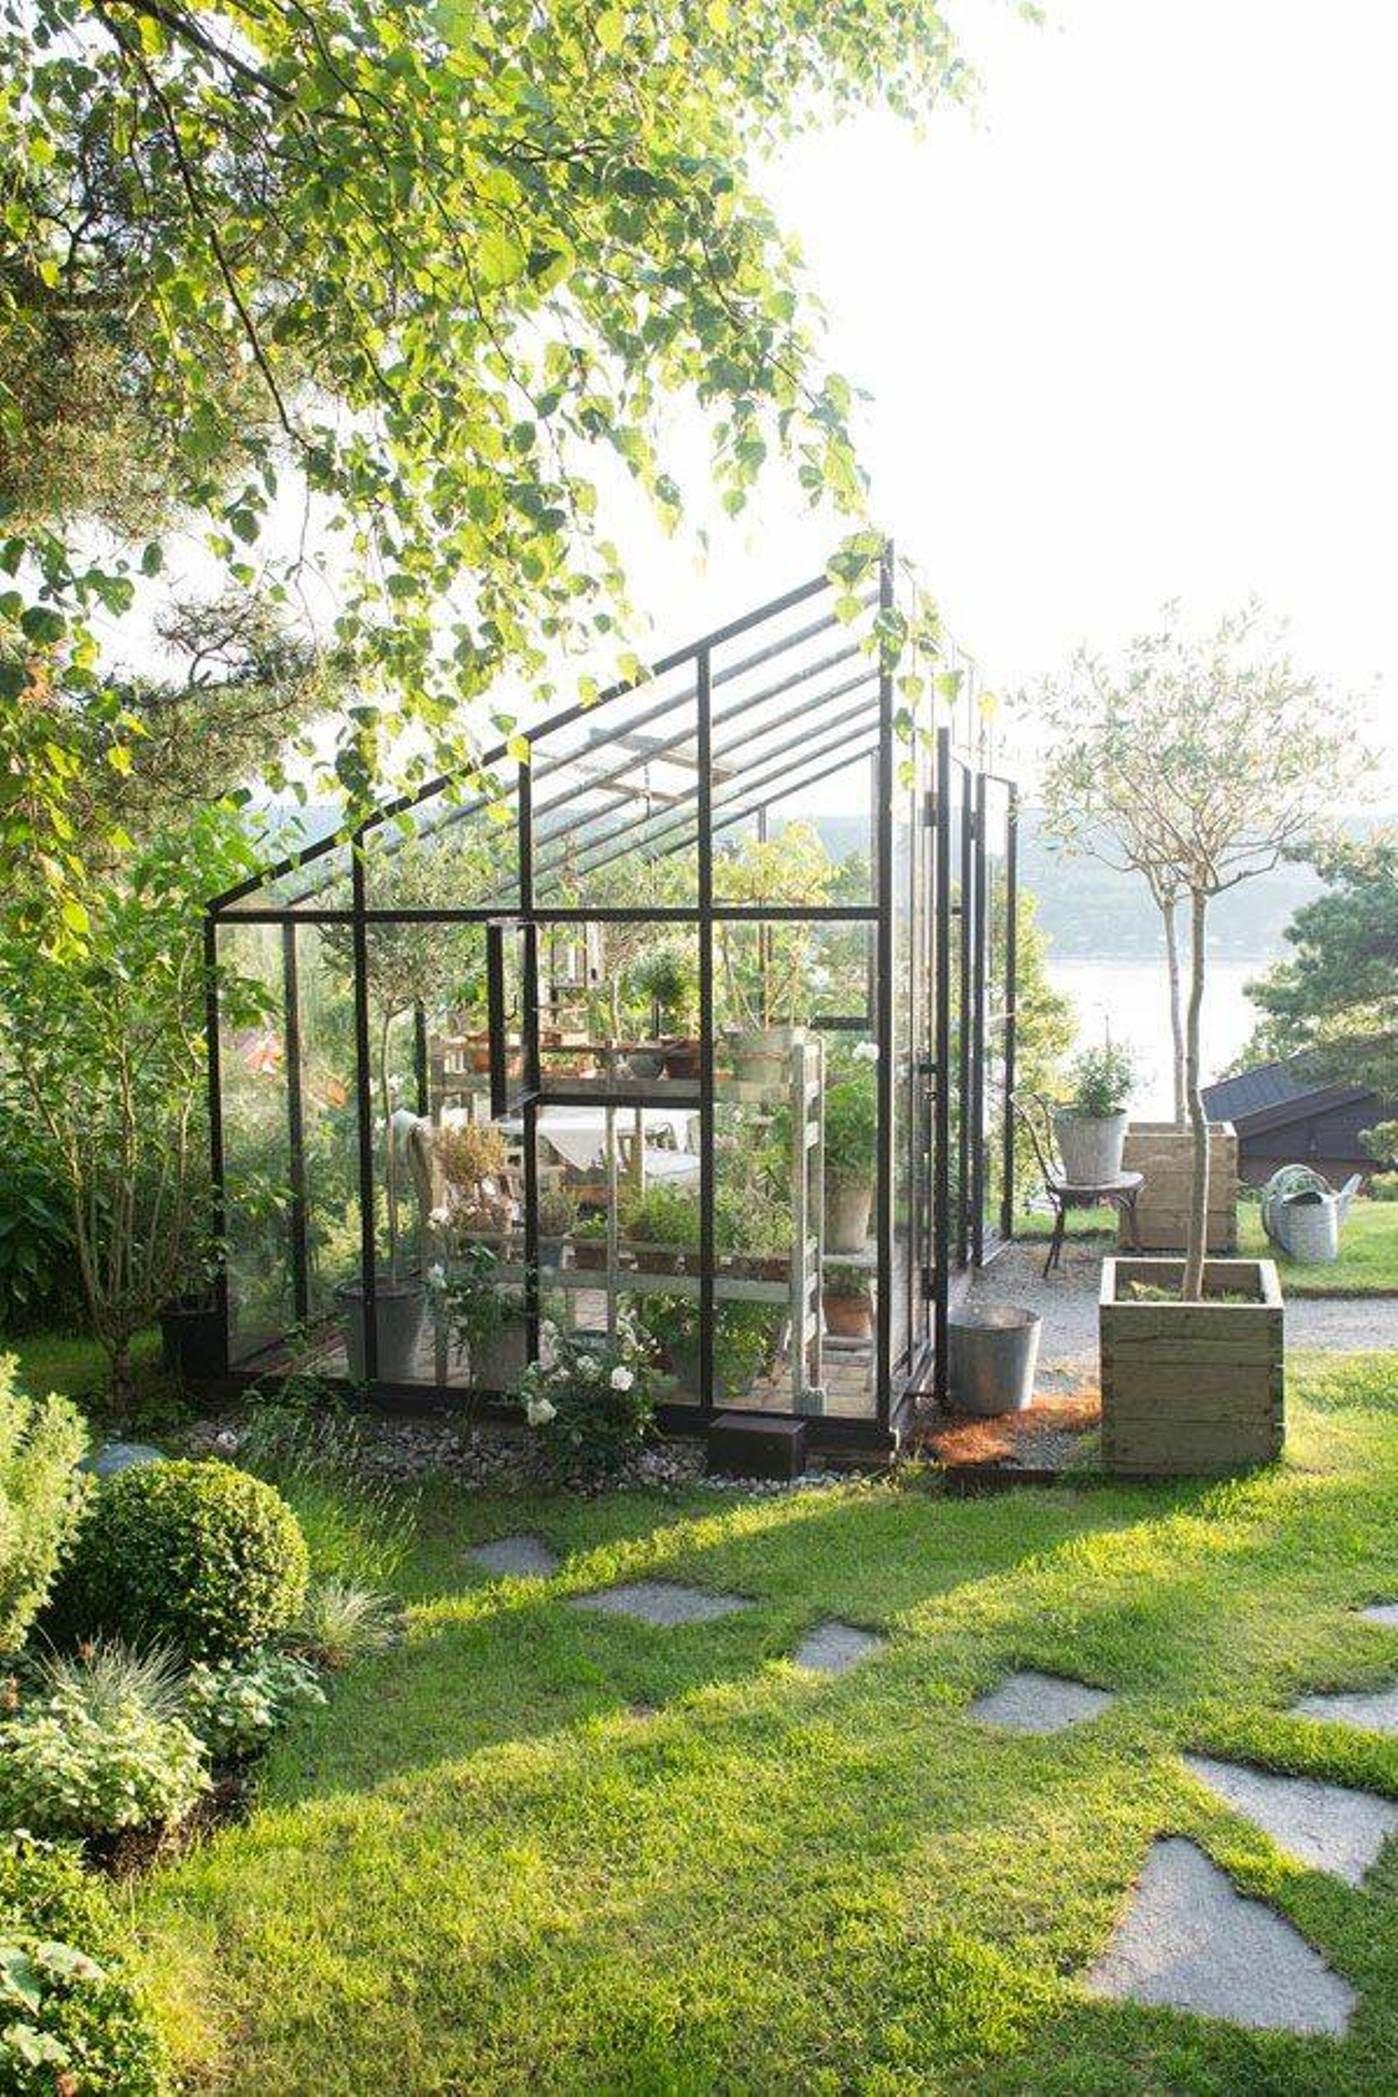 Moderne • Verrière • Jardin D'hiver • Veranda • | Serre ... serapportantà Verriere Jardin